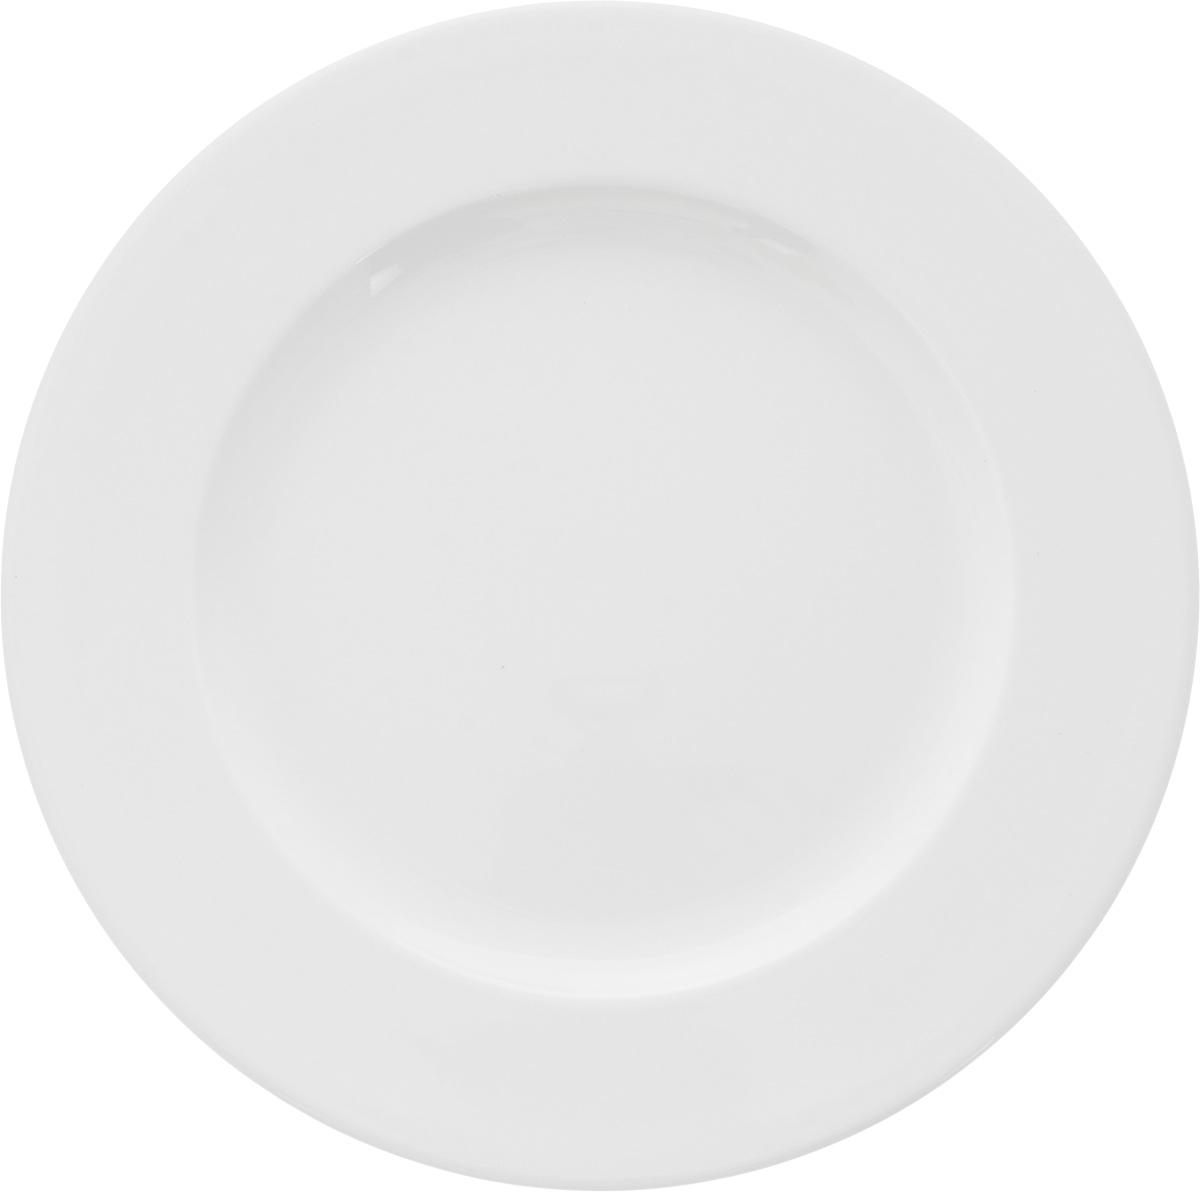 Тарелка мелкая Ariane Прайм, диаметр 21 смVT-1520(SR)Мелкая тарелка Ariane Прайм, изготовленная из высококачественного фарфора, имеет классическую круглую форму. Такая тарелка прекрасно подходит как для торжественных случаев, так и для повседневного использования. Идеальна для подачи десертов, пирожных, тортов и многого другого. Она прекрасно оформит стол и станет отличным дополнением к вашей коллекции кухонной посуды.Можно мыть в посудомоечной машине и использовать в микроволновой печи. Высота: 2 см.Диаметр тарелки: 21 см.